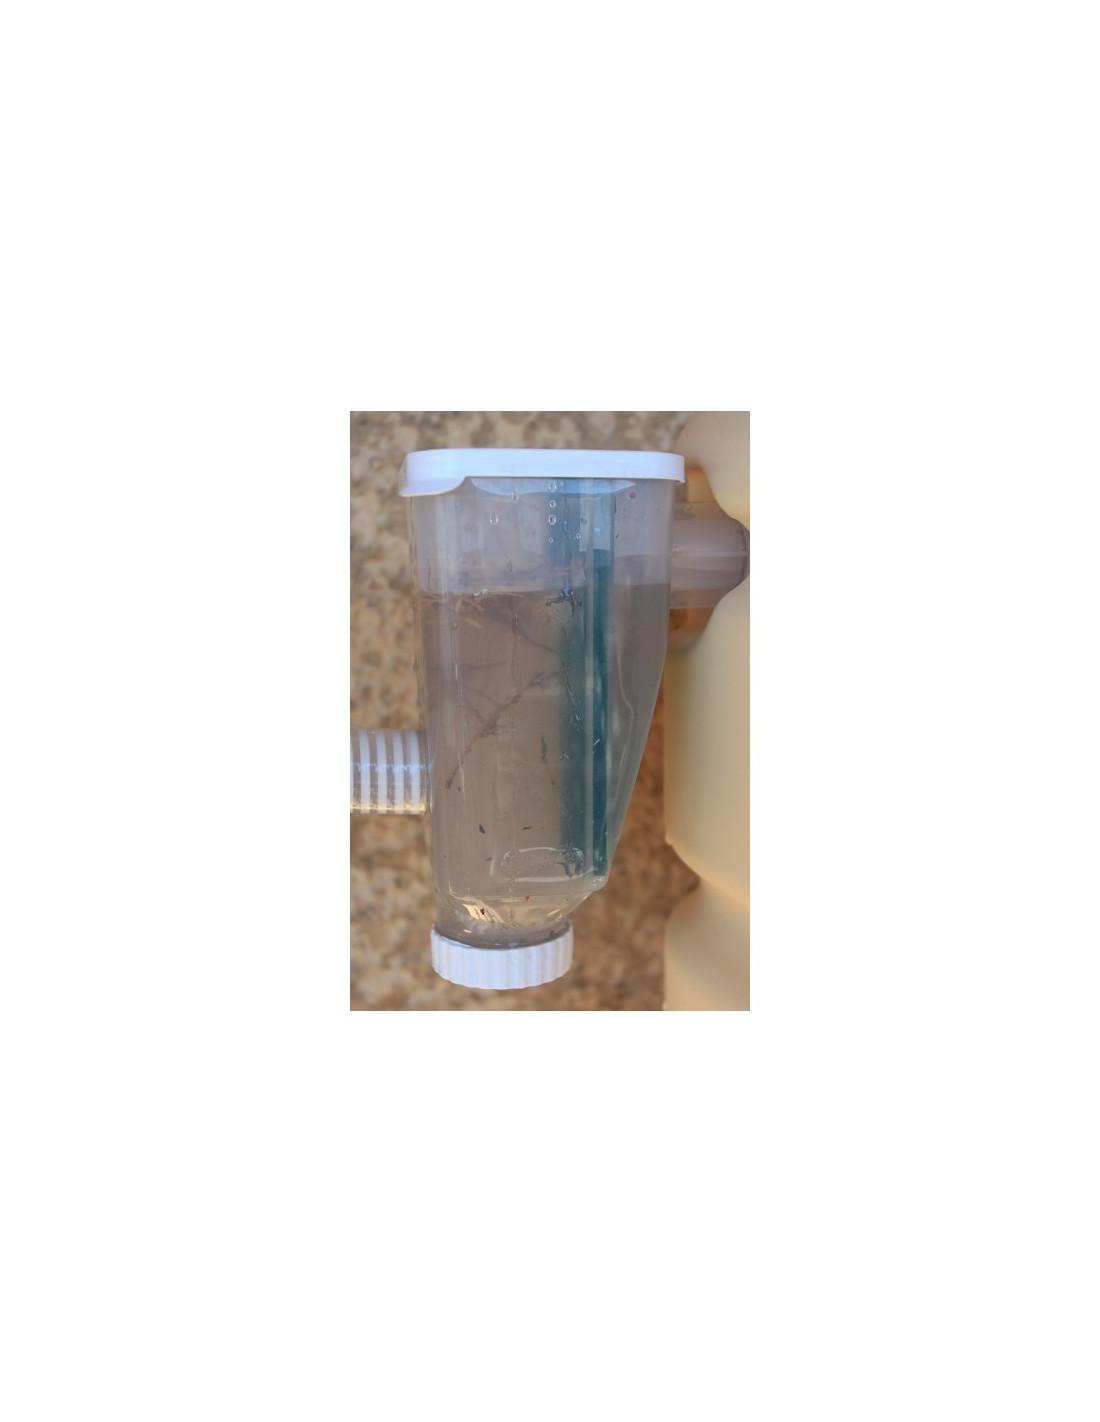 Filtre pour cuve a eau bande transporteuse caoutchouc for Utiliser l eau de pluie pour la maison